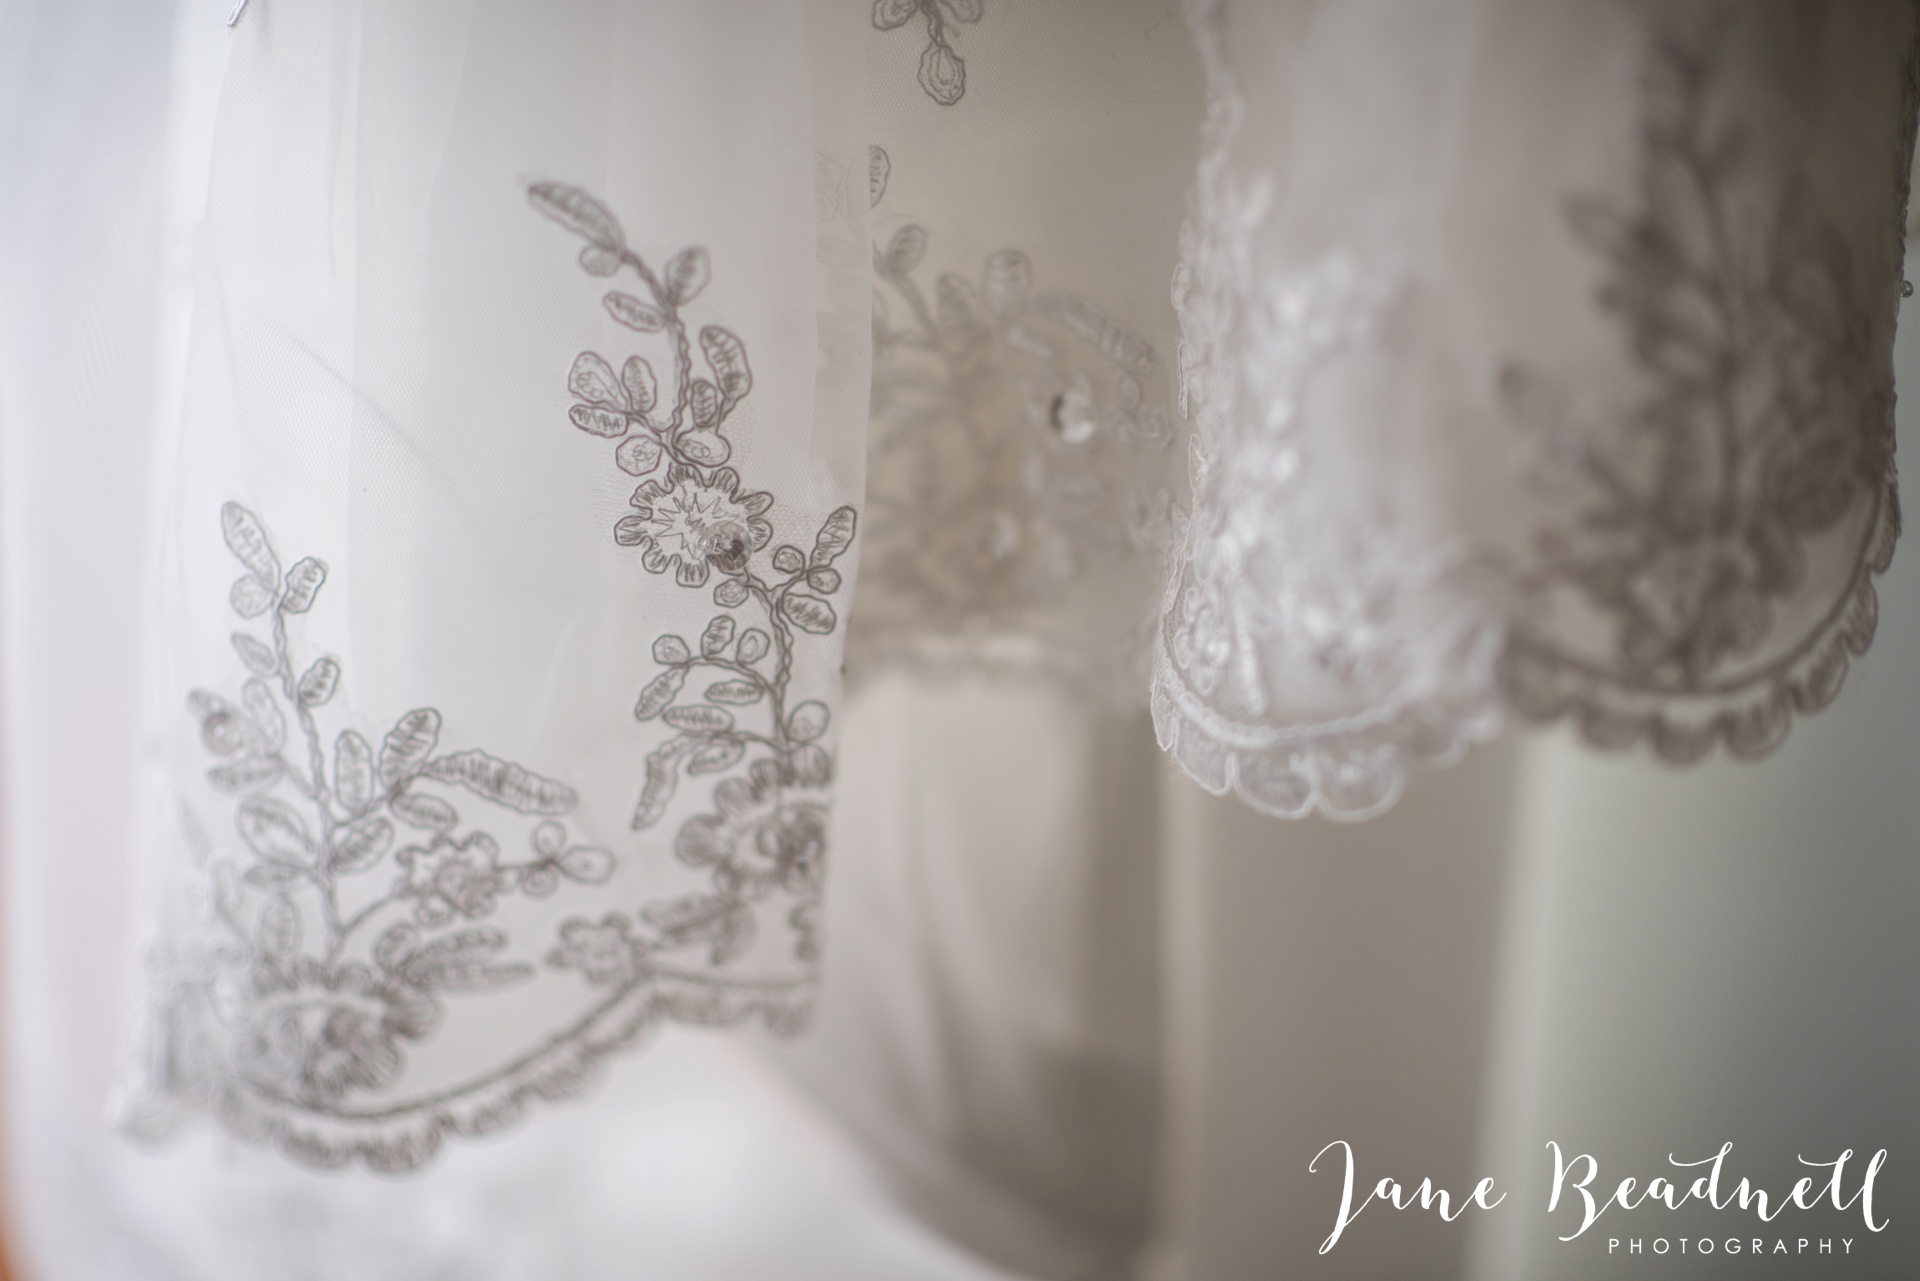 Jane Beadnell fine art wedding photographer Leeds Destination wedding photographer_0002